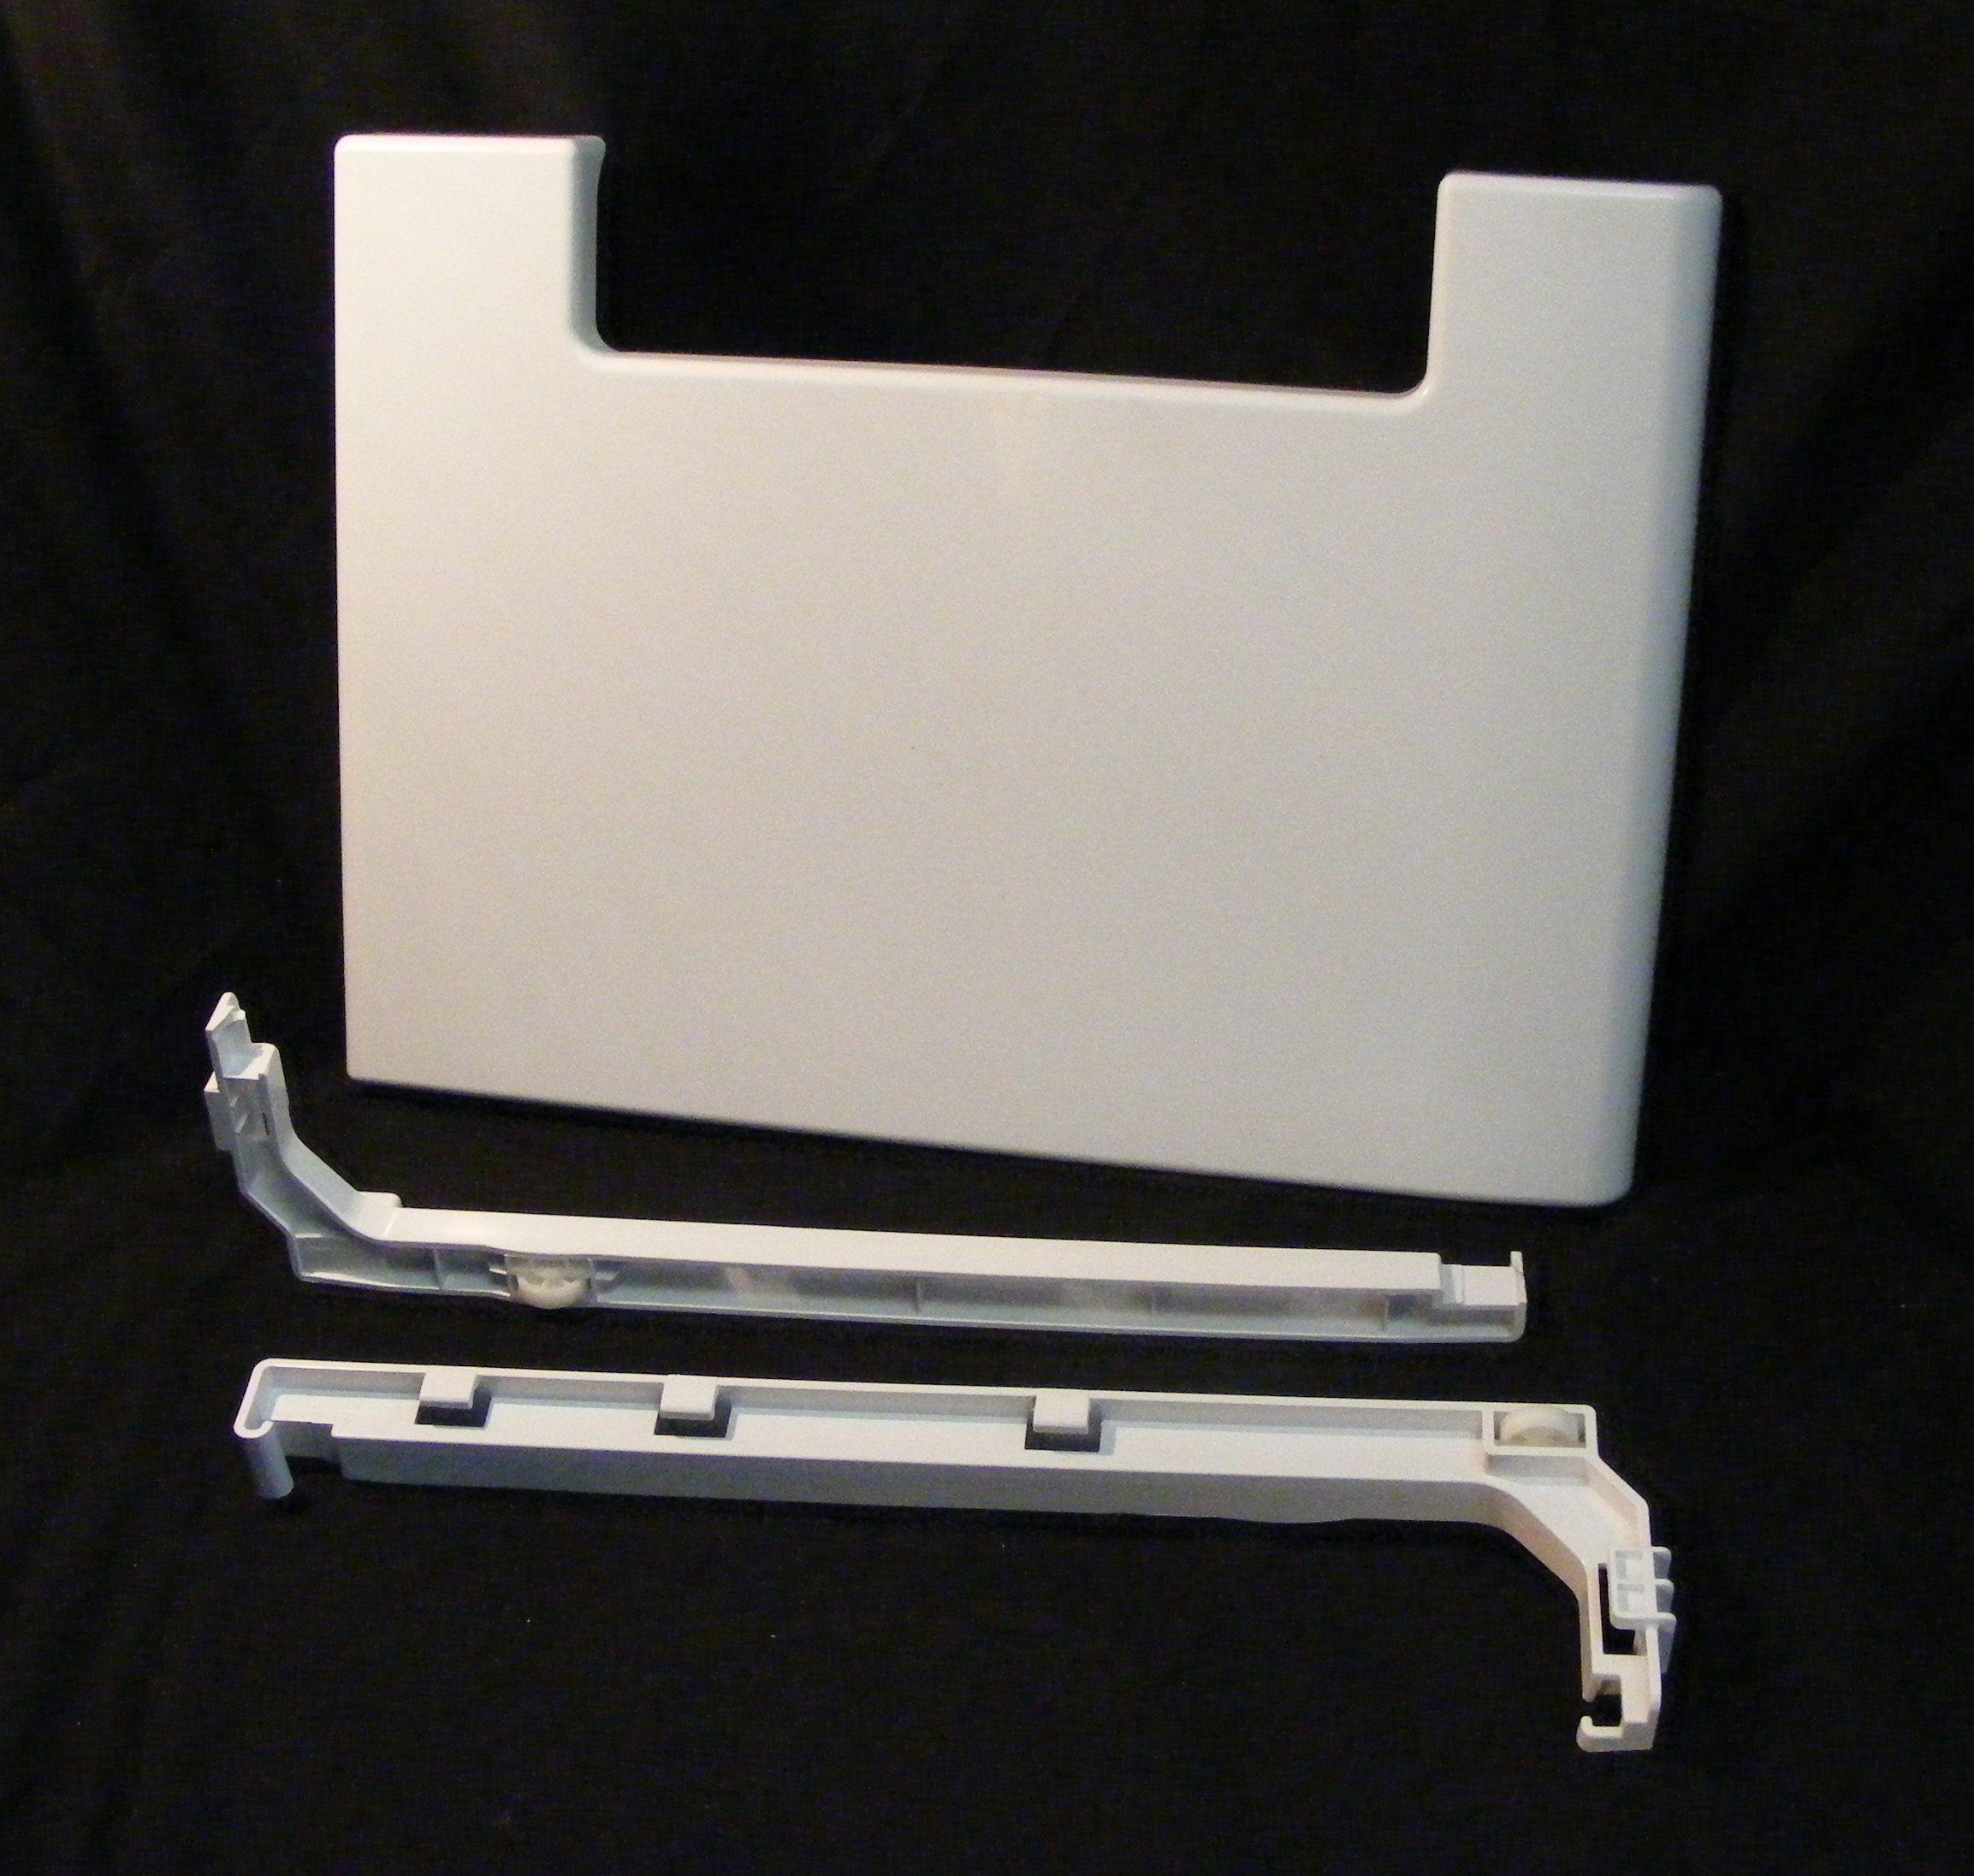 Da63 02798a Samsung Refrigerator Small Freezer Basket